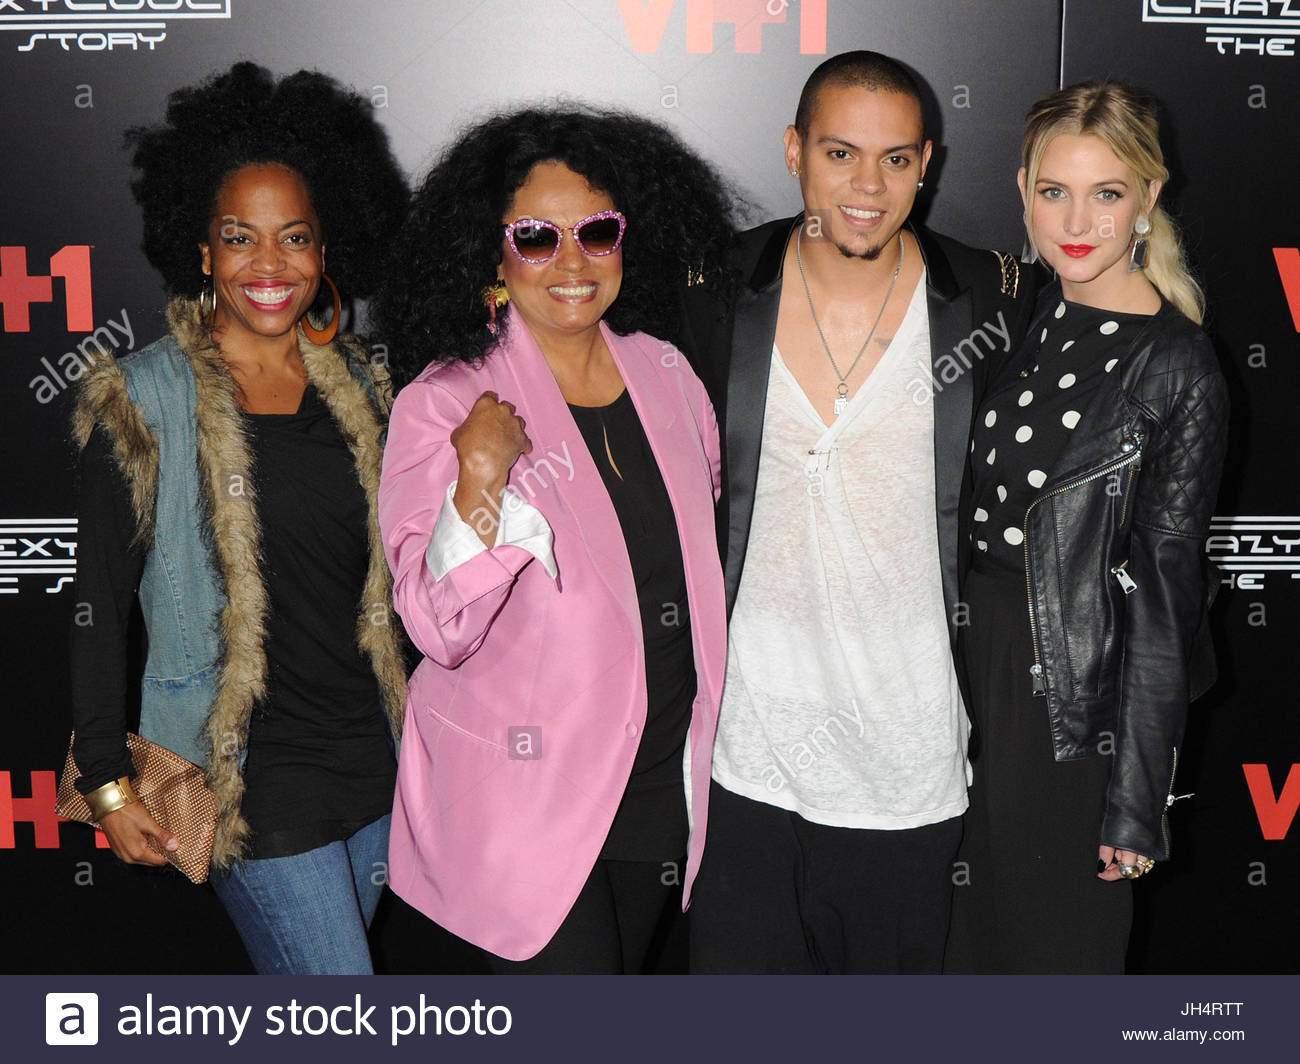 Vicki Frederick,Marlyne Barrett XXX photos Clarine Seymour,Nena Cardenas (?)